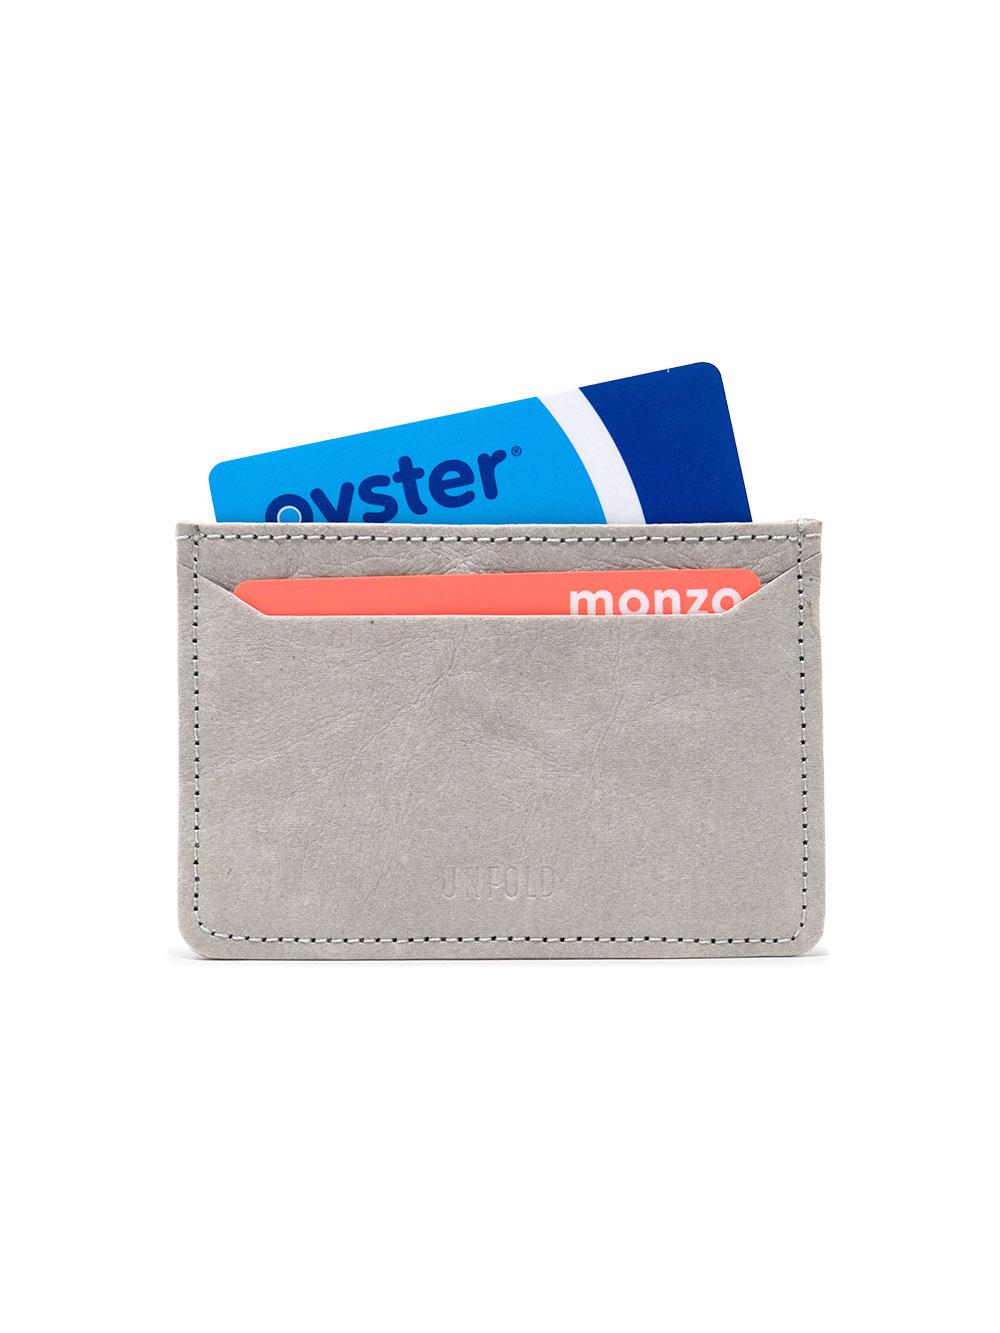 Cardholder | Unfold